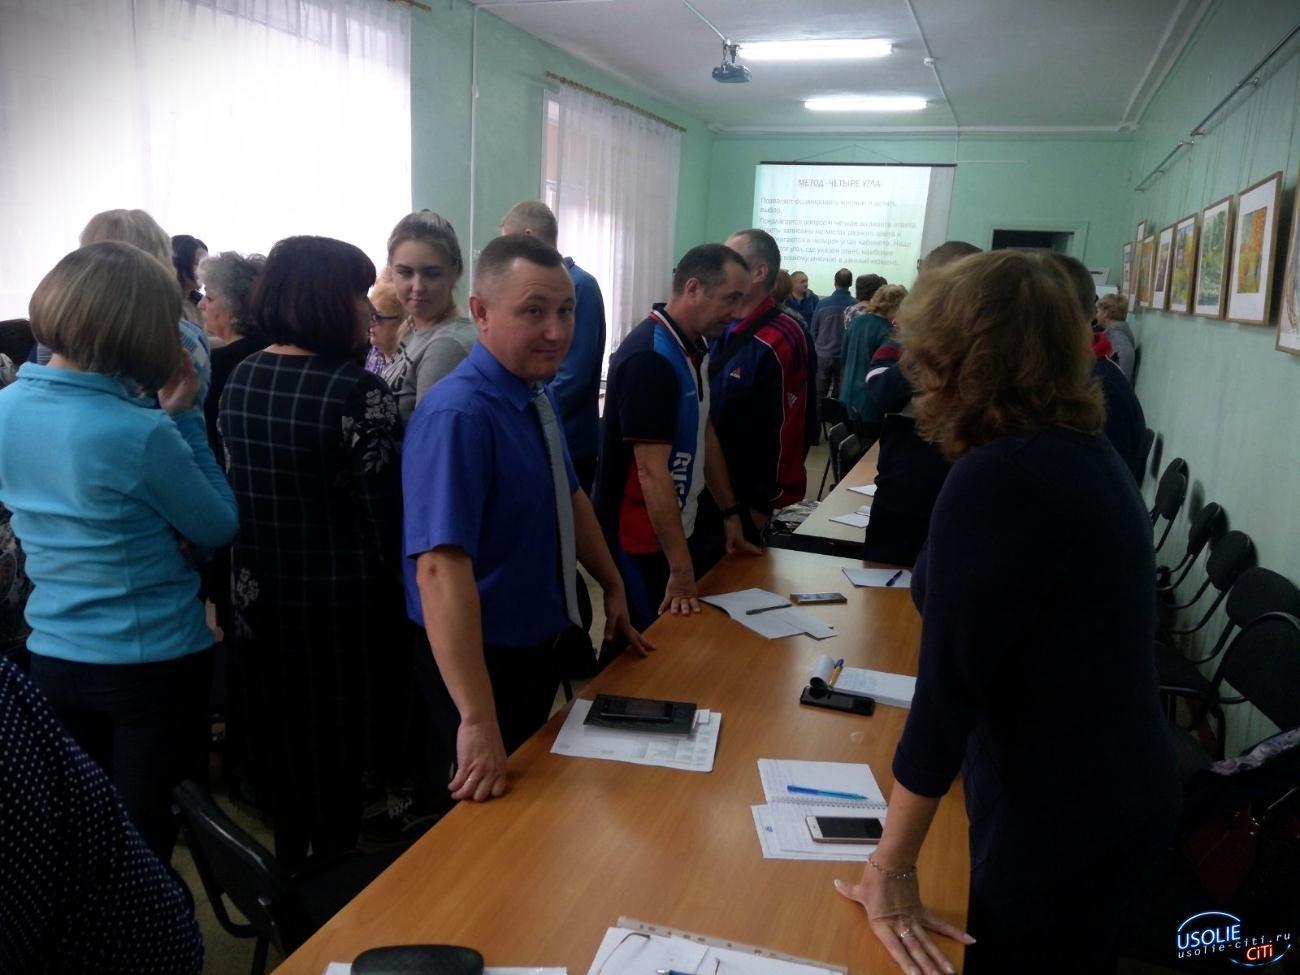 В Усолье в ДДТ слет объединил единомышленников